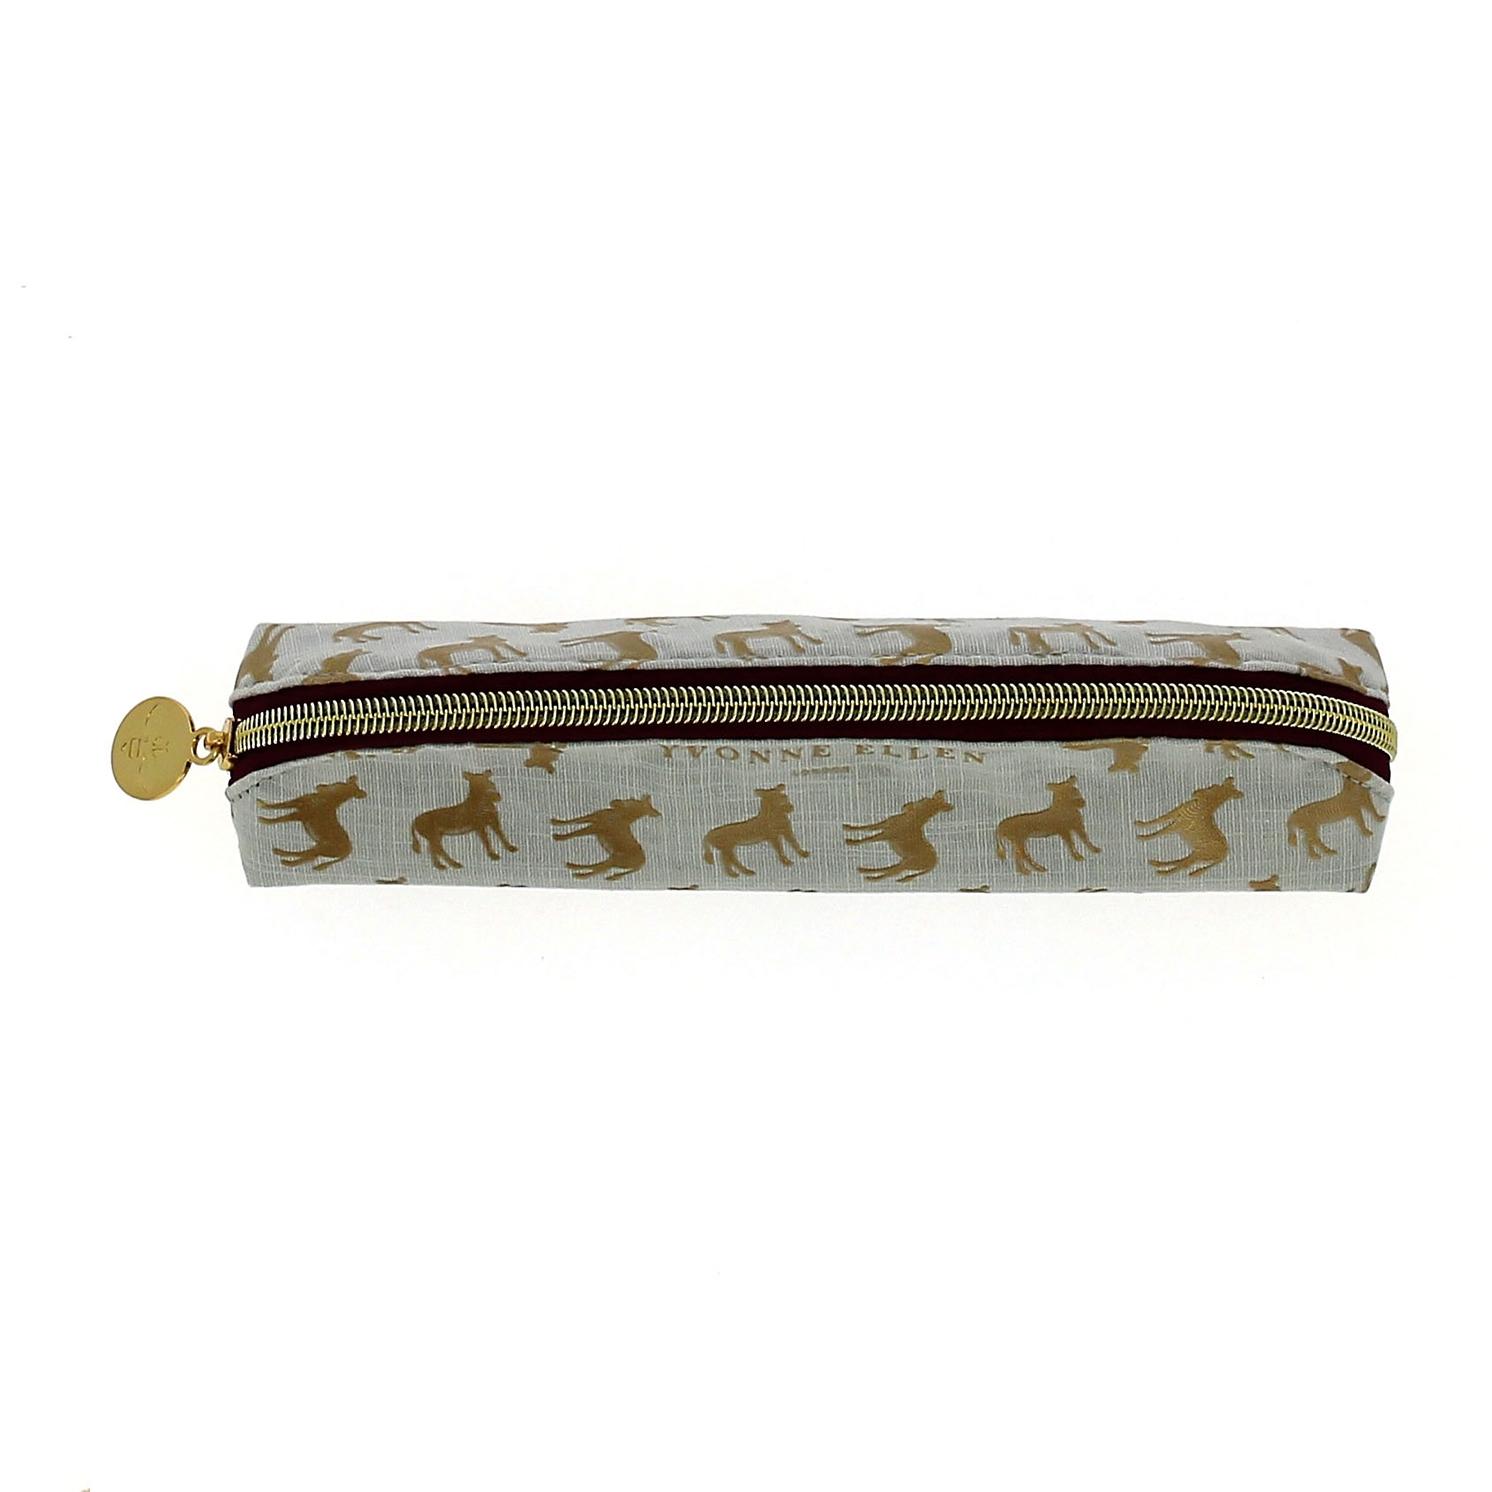 Yvonne Ellen – Wild Opulence Ballpoint Pen and Slim Pencil Case